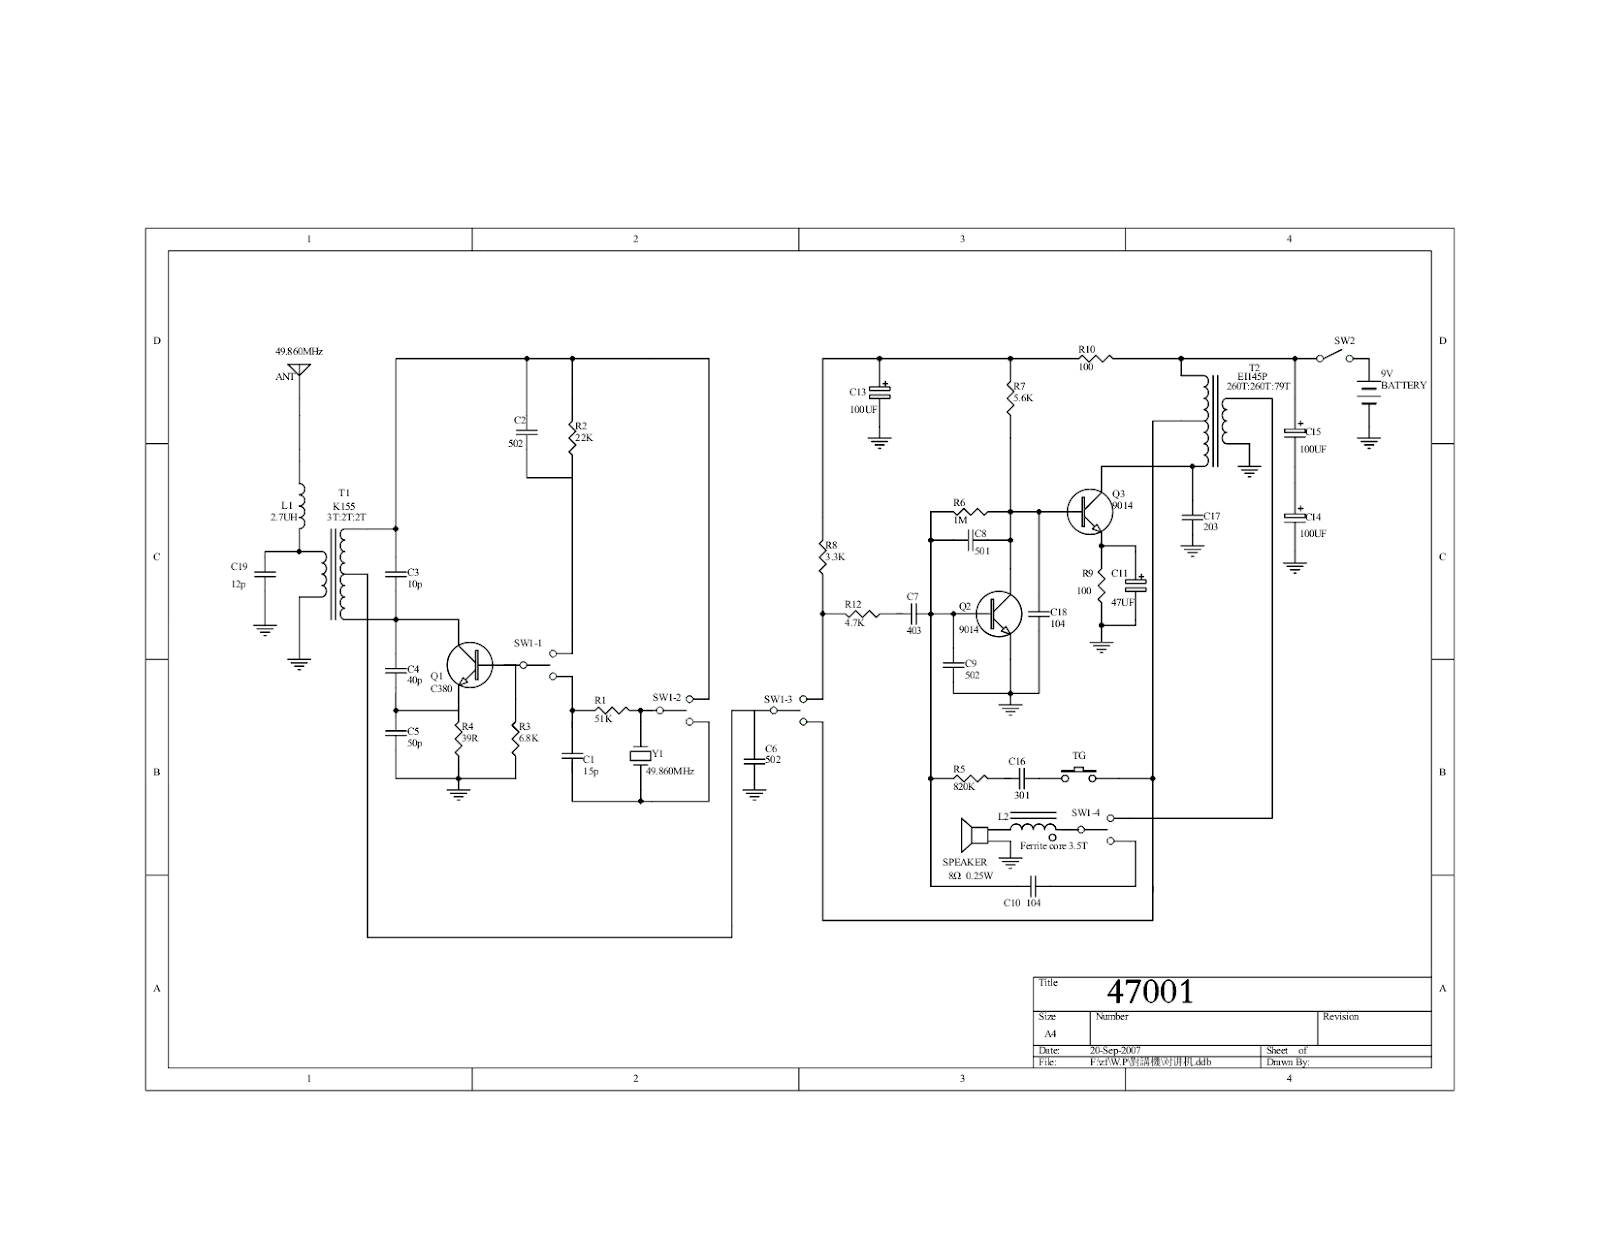 transistor walkie talkie circuit diagram